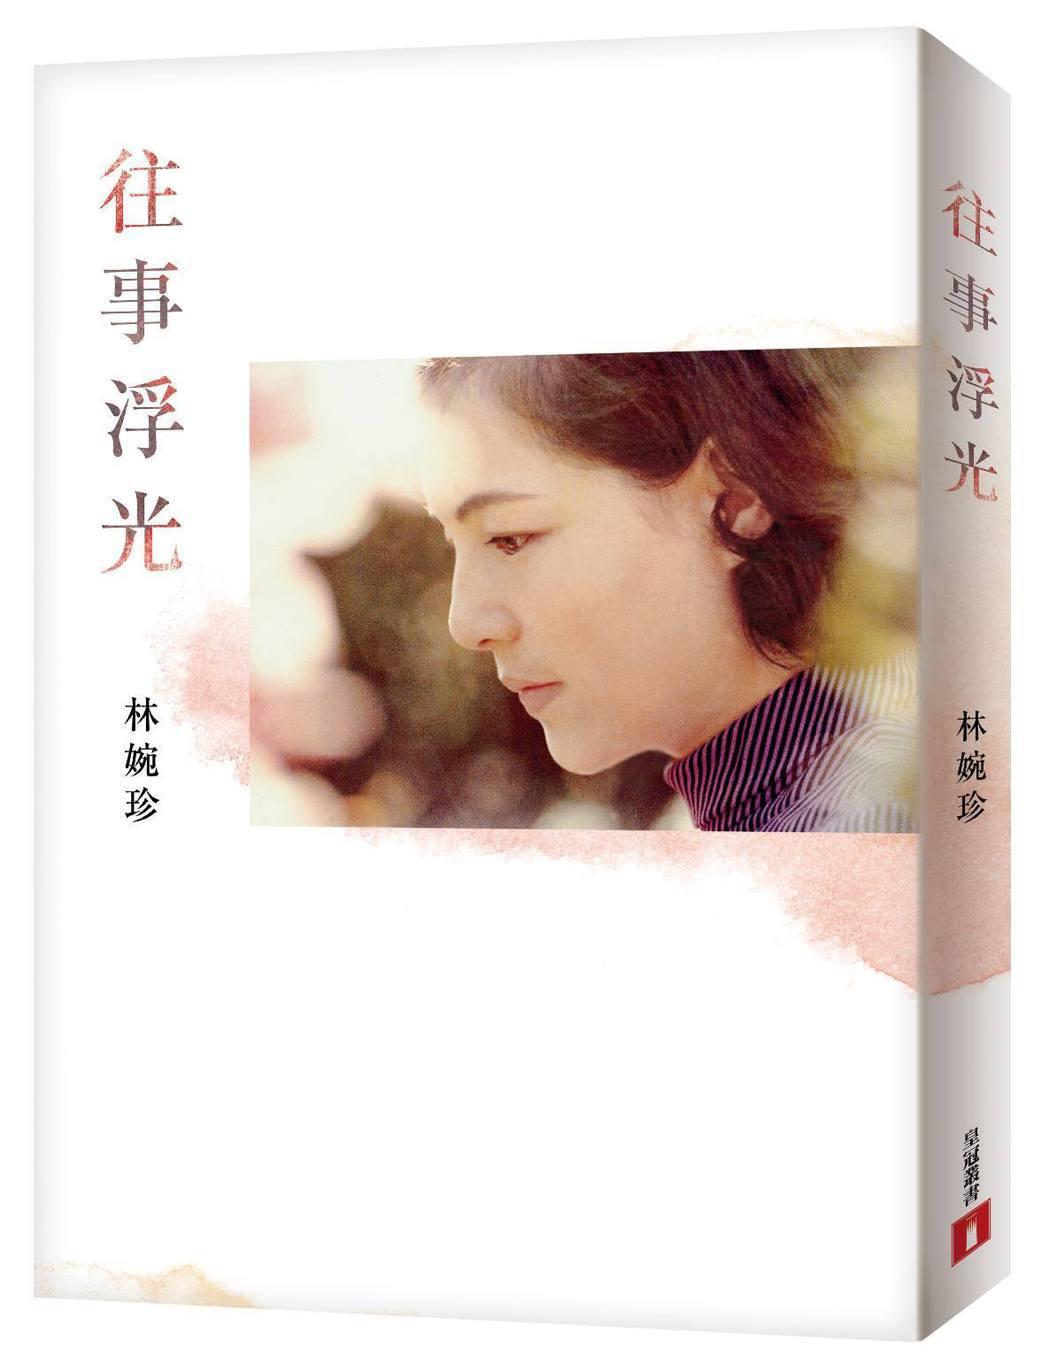 林婉珍《往事浮光》一書。 圖/擷自皇冠文化集團臉書